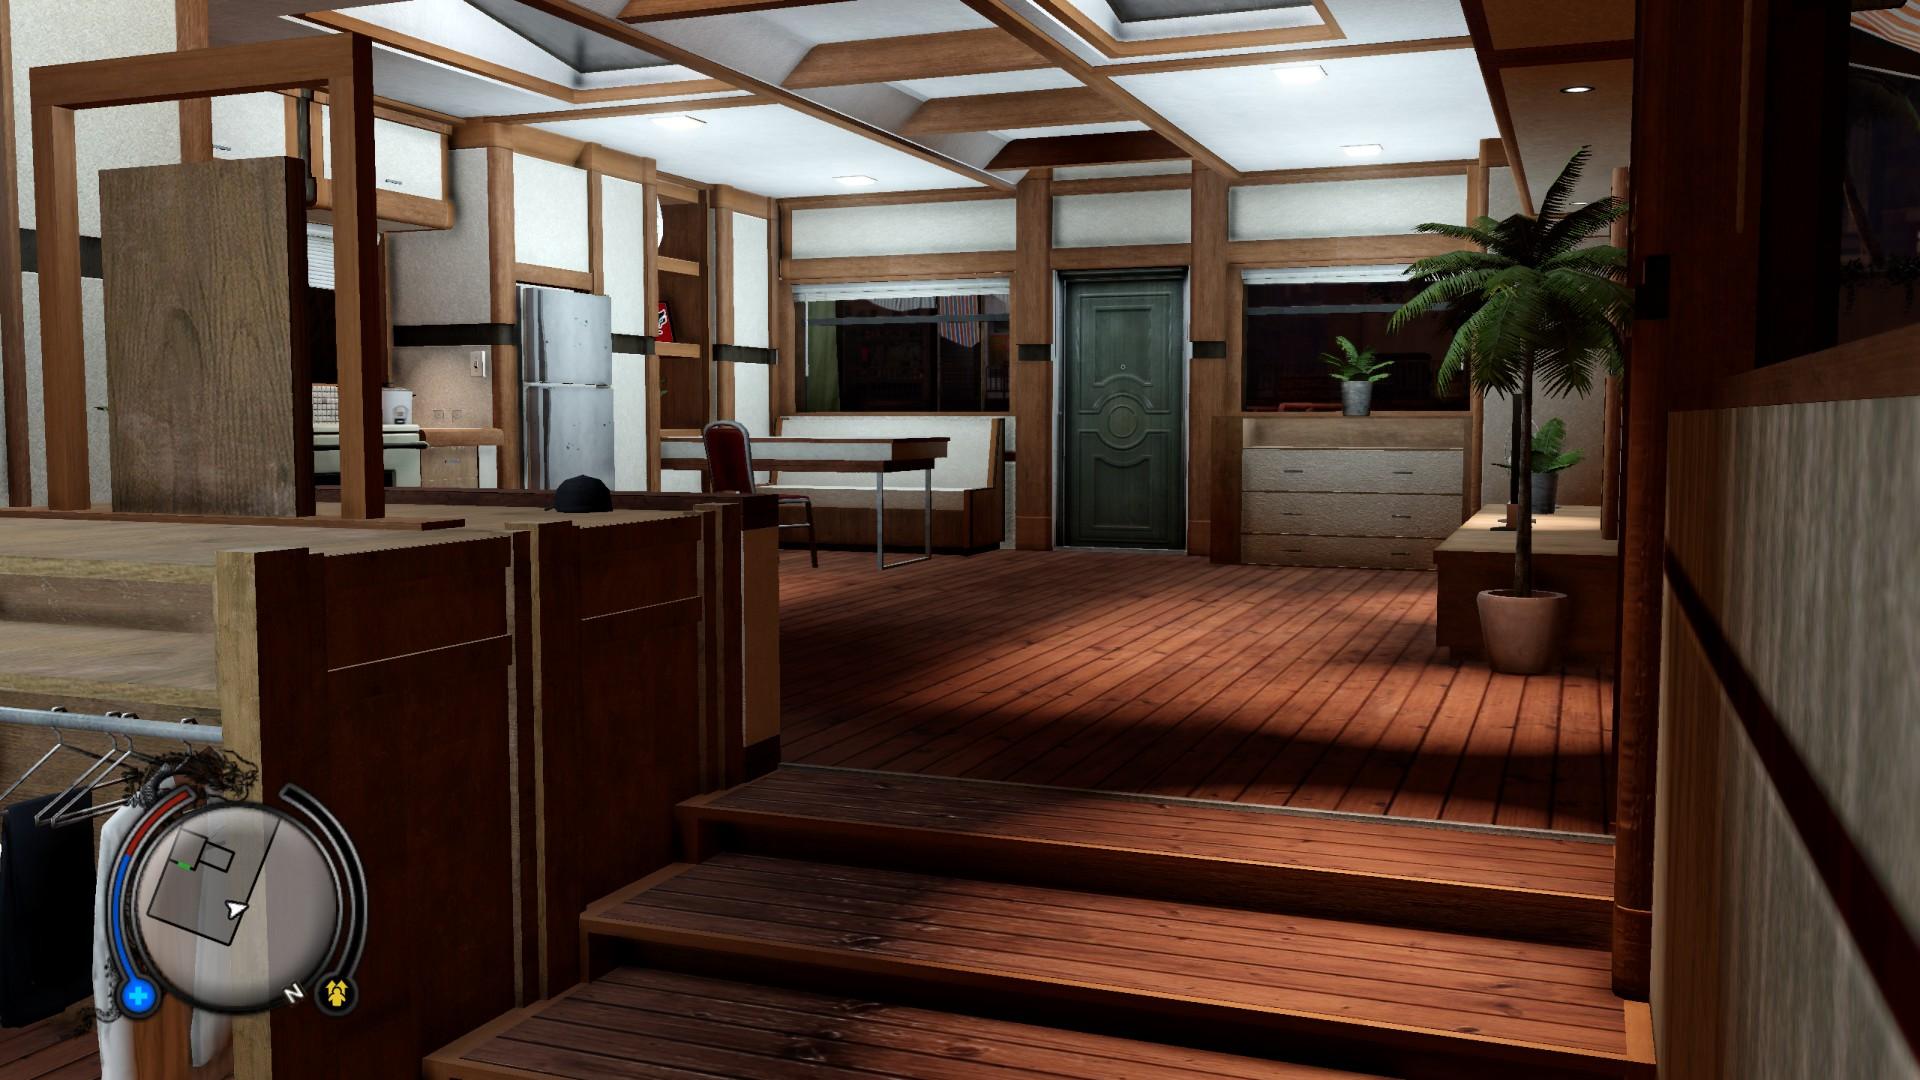 Aberdeen Houseboat | Sleeping Dogs Wiki | FANDOM powered by Wikia